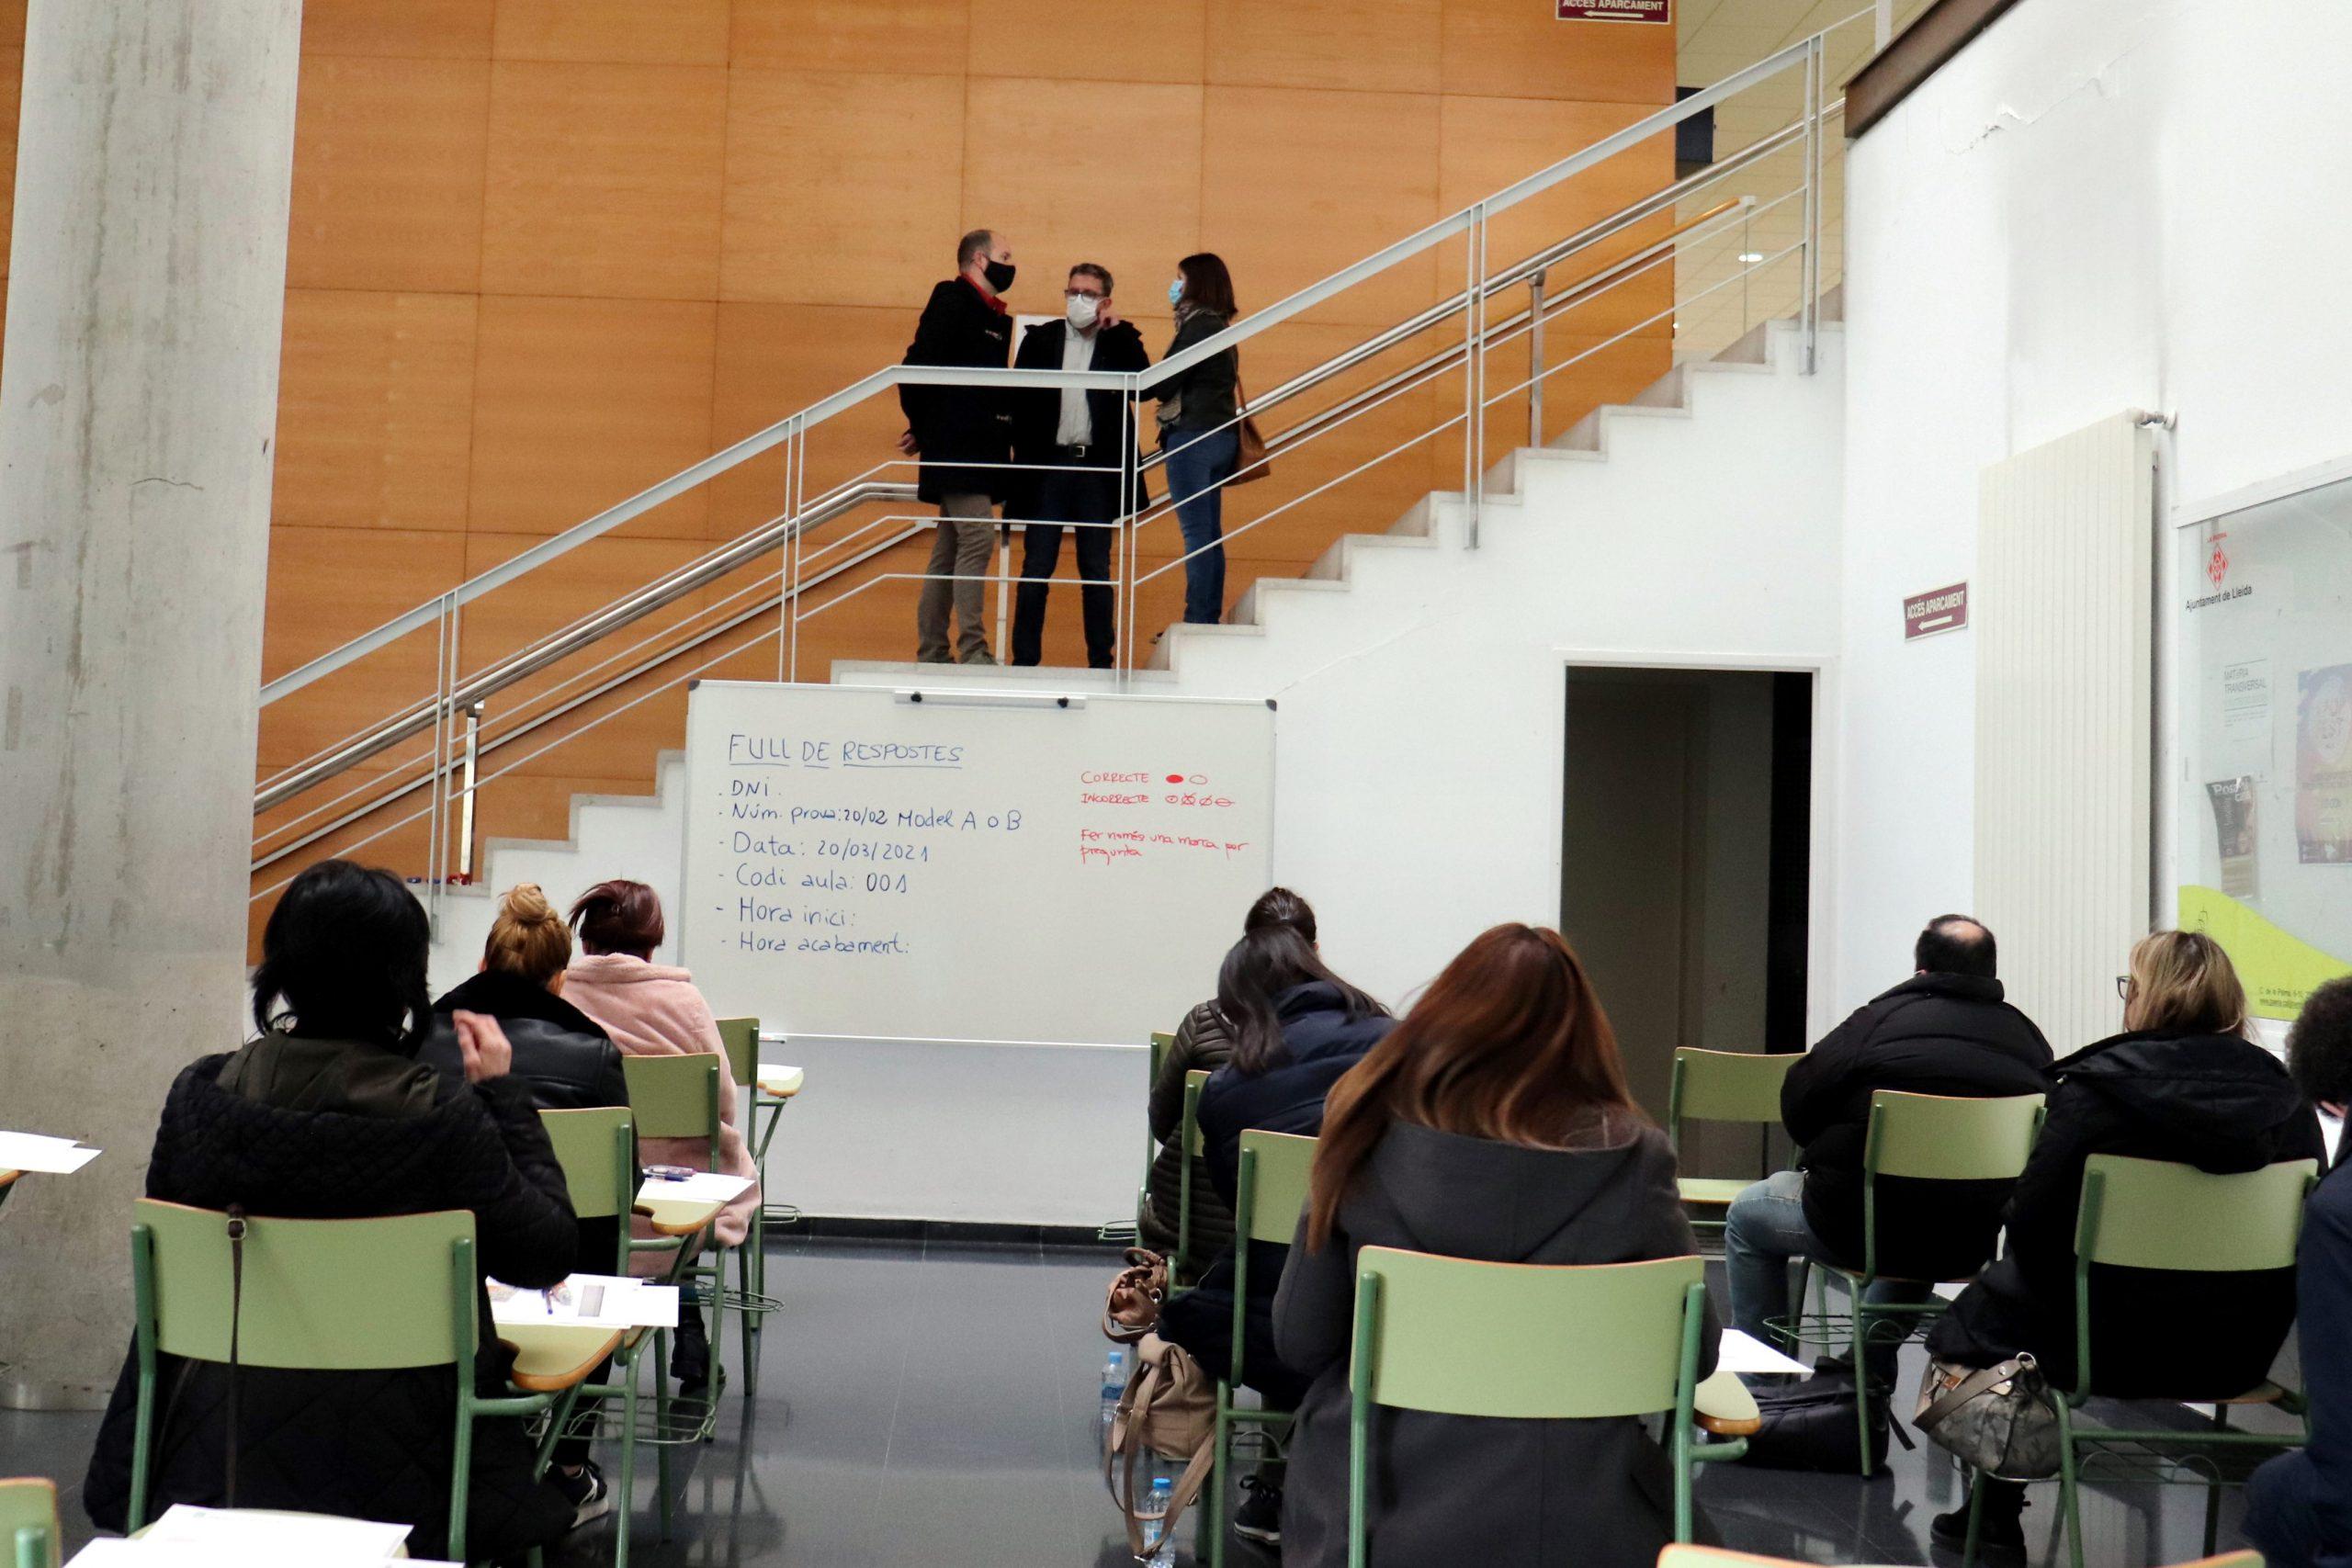 Uuna de les aules de l'Edifici Polivalent de la UdL que s'ha adaptat per fer les proves d'oposicions  (ACN)